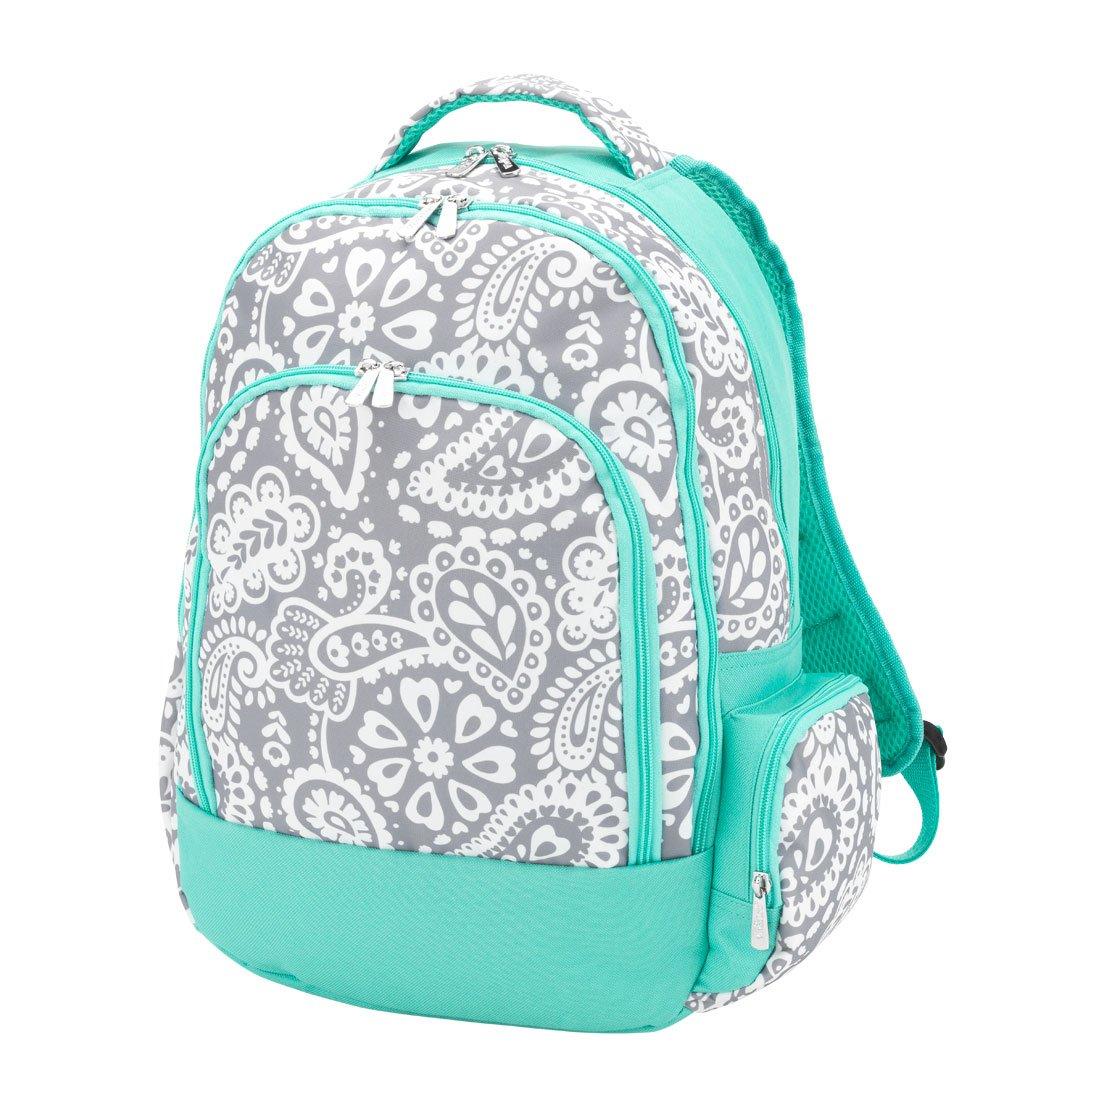 Wholesale Boutique Parker Paisley Backpack